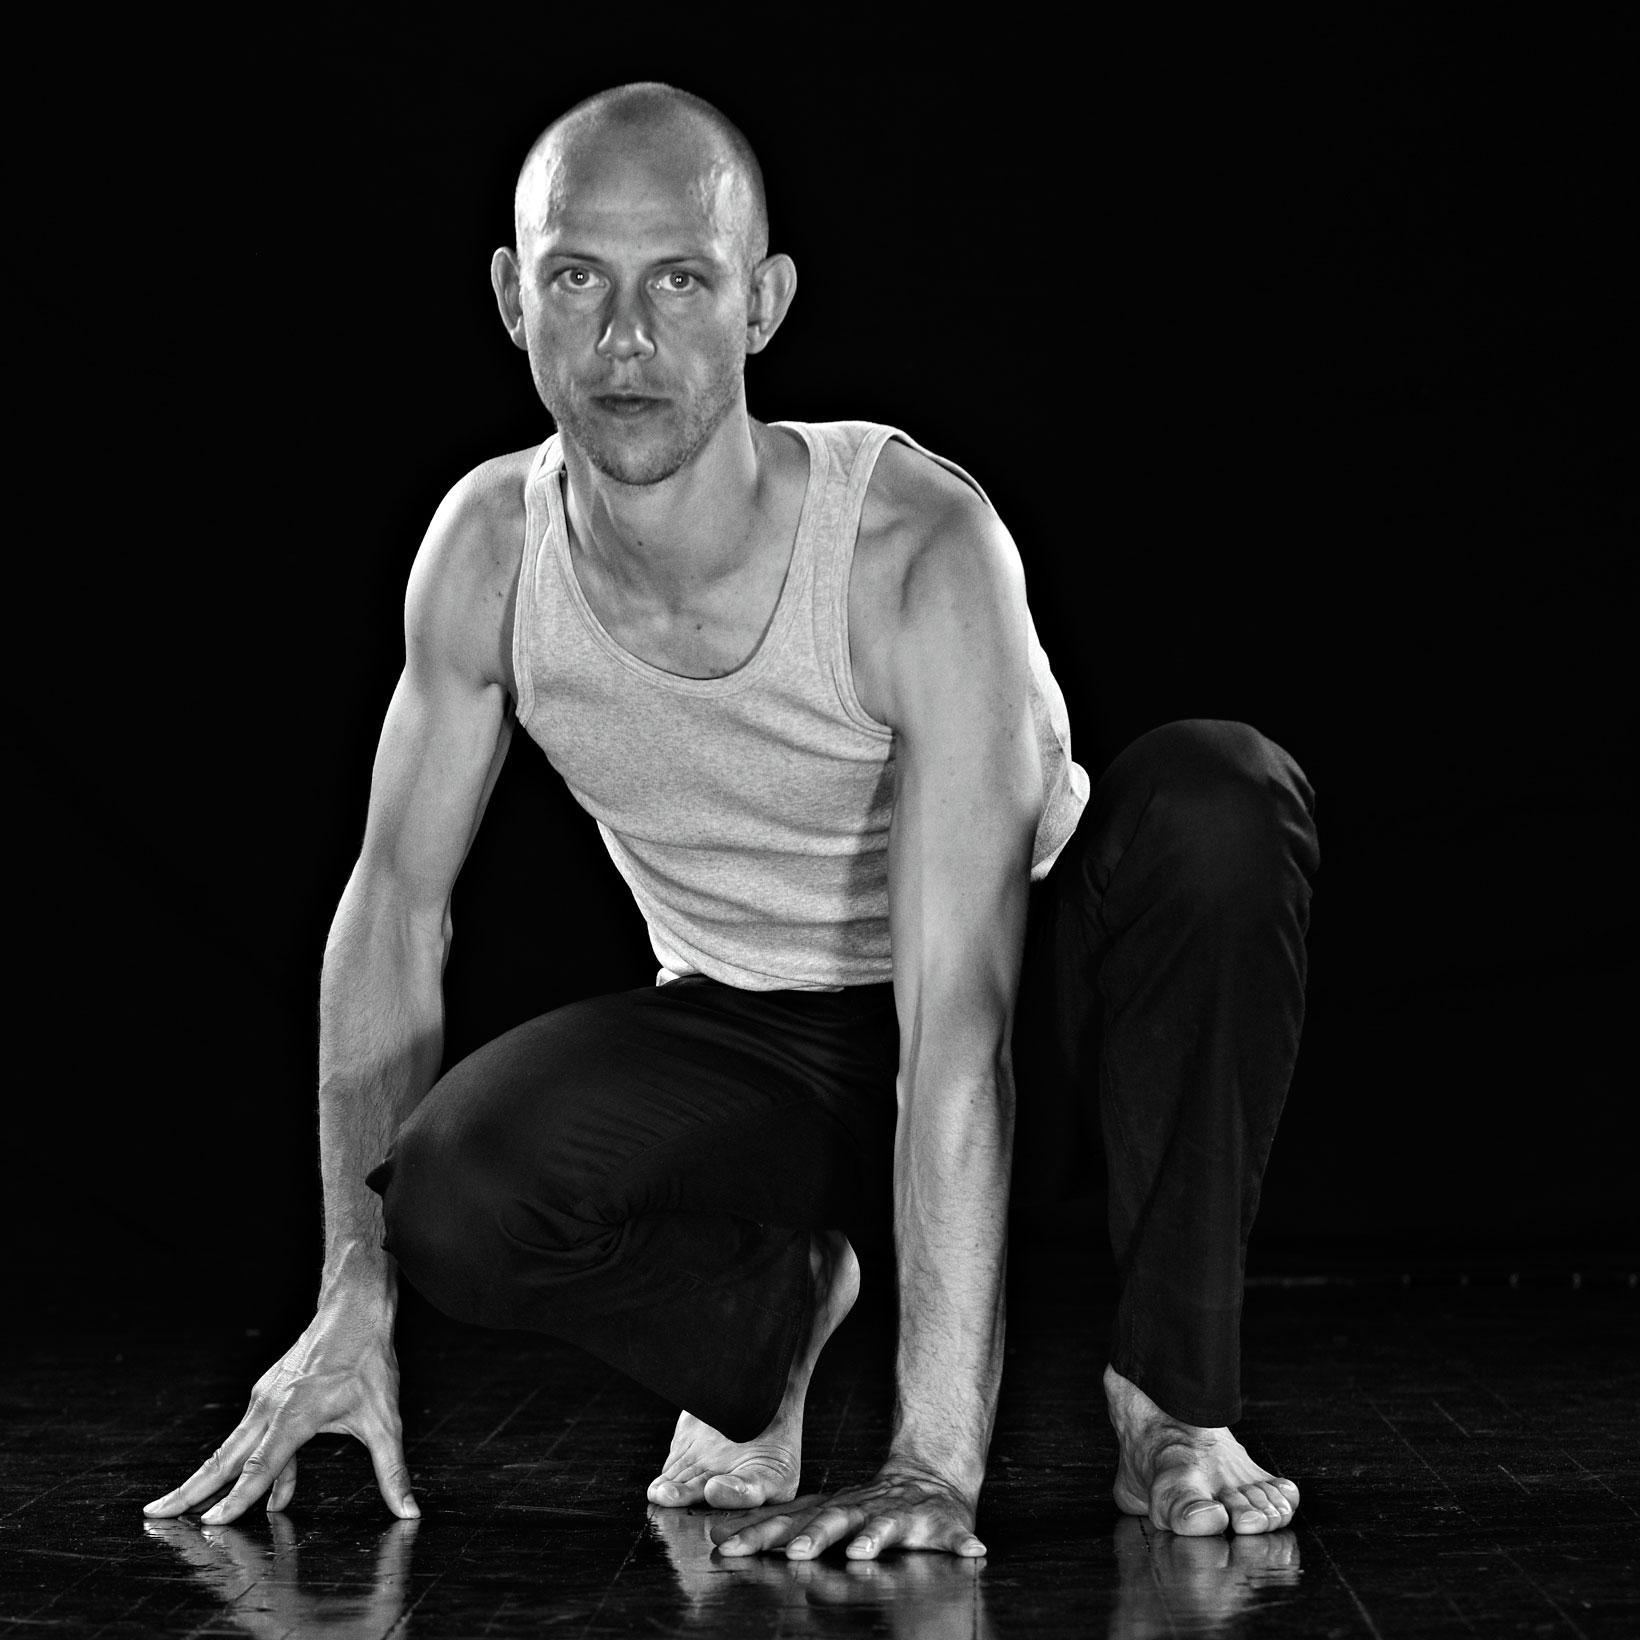 Simon Krohn är en av Skandinaviens främsta och mest anlitade yogalärare.